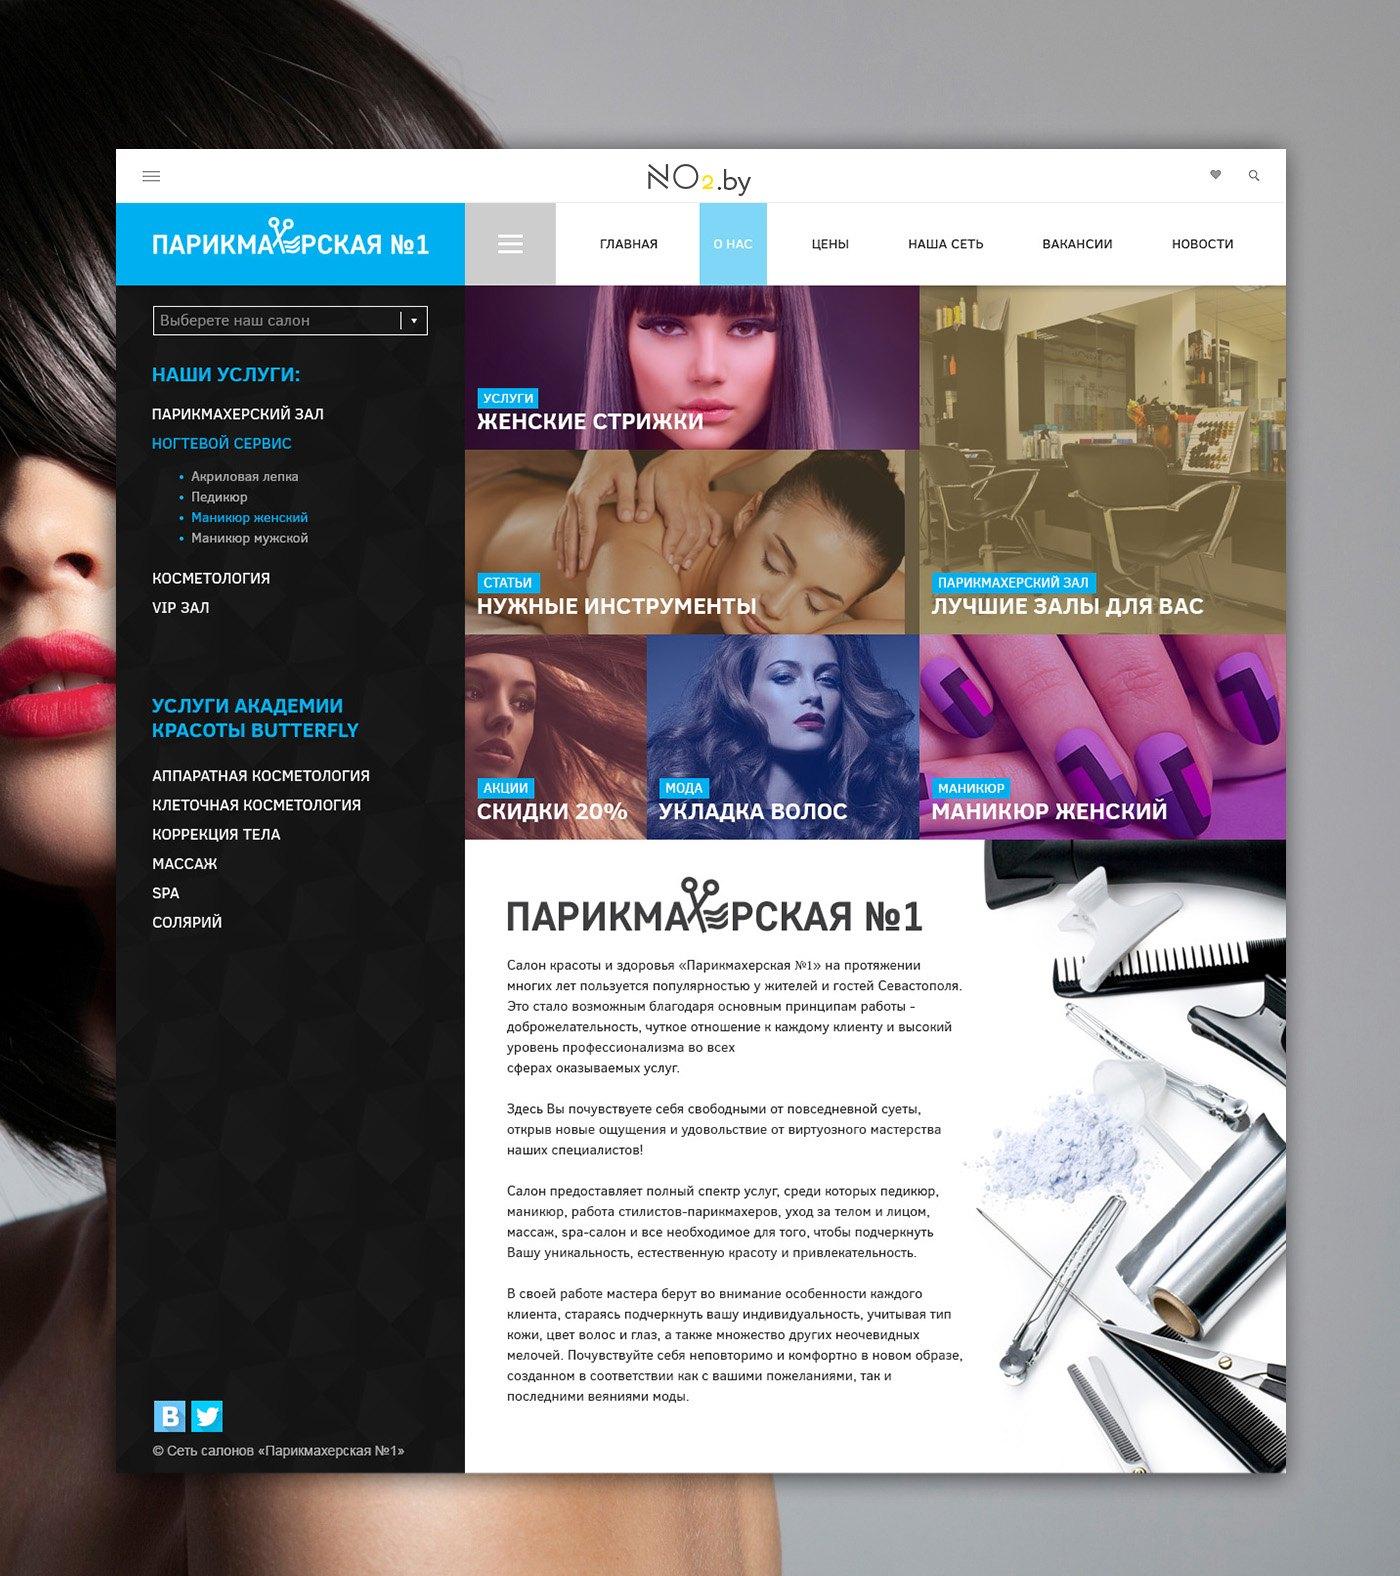 Создание сайт сети салонов парикмахерской